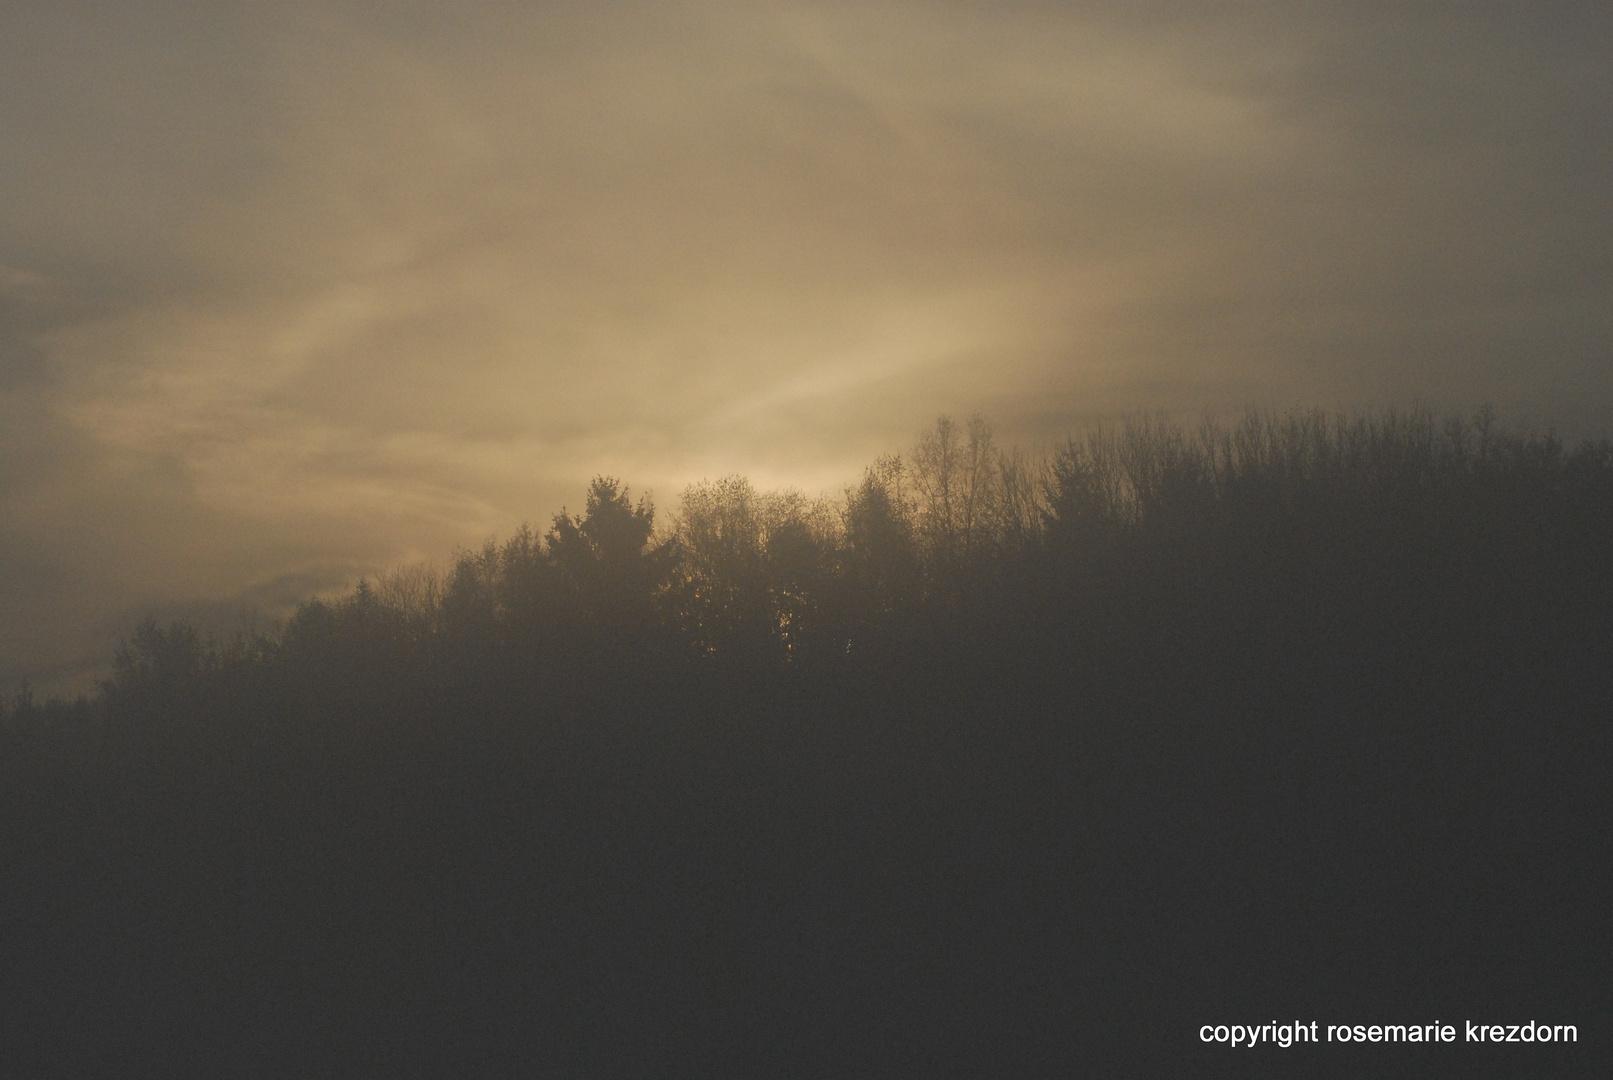 lever du soleil fin decembre 2009